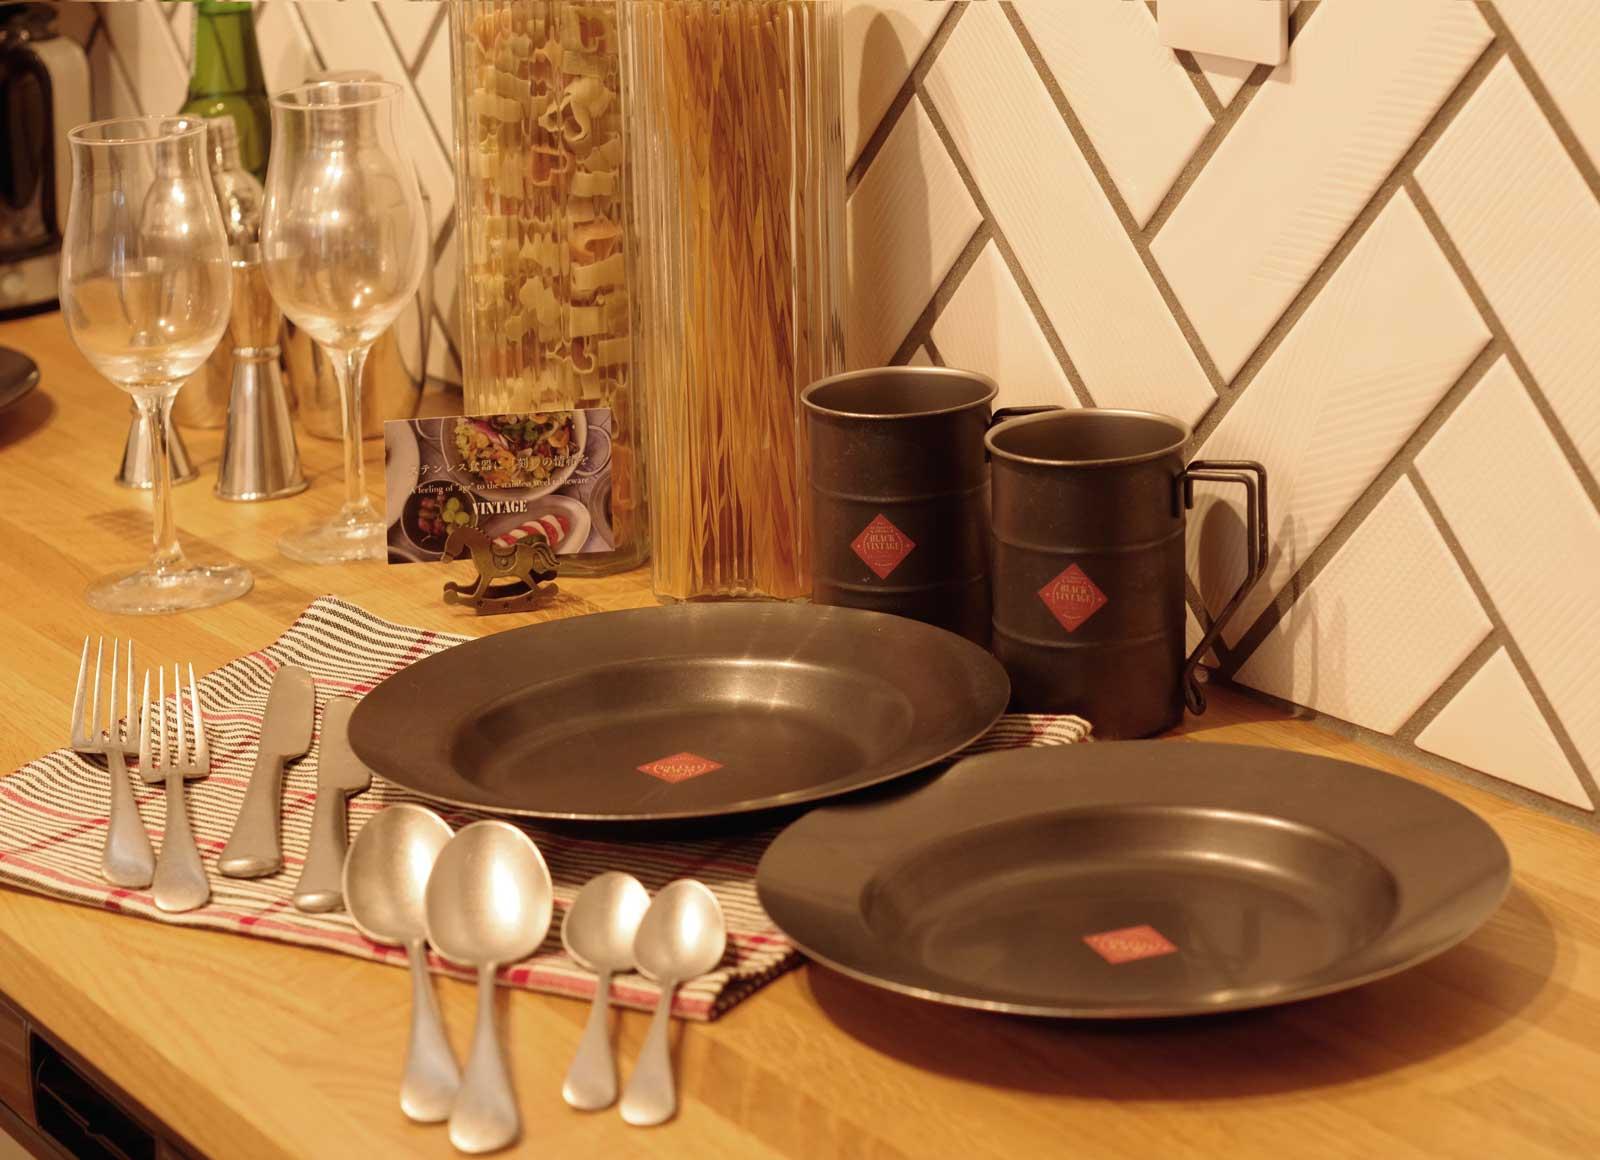 グリーンスタイルのお客様感謝祭!インスタグラムでグリーンスタイルのお家のここちよい写真を送ってください!